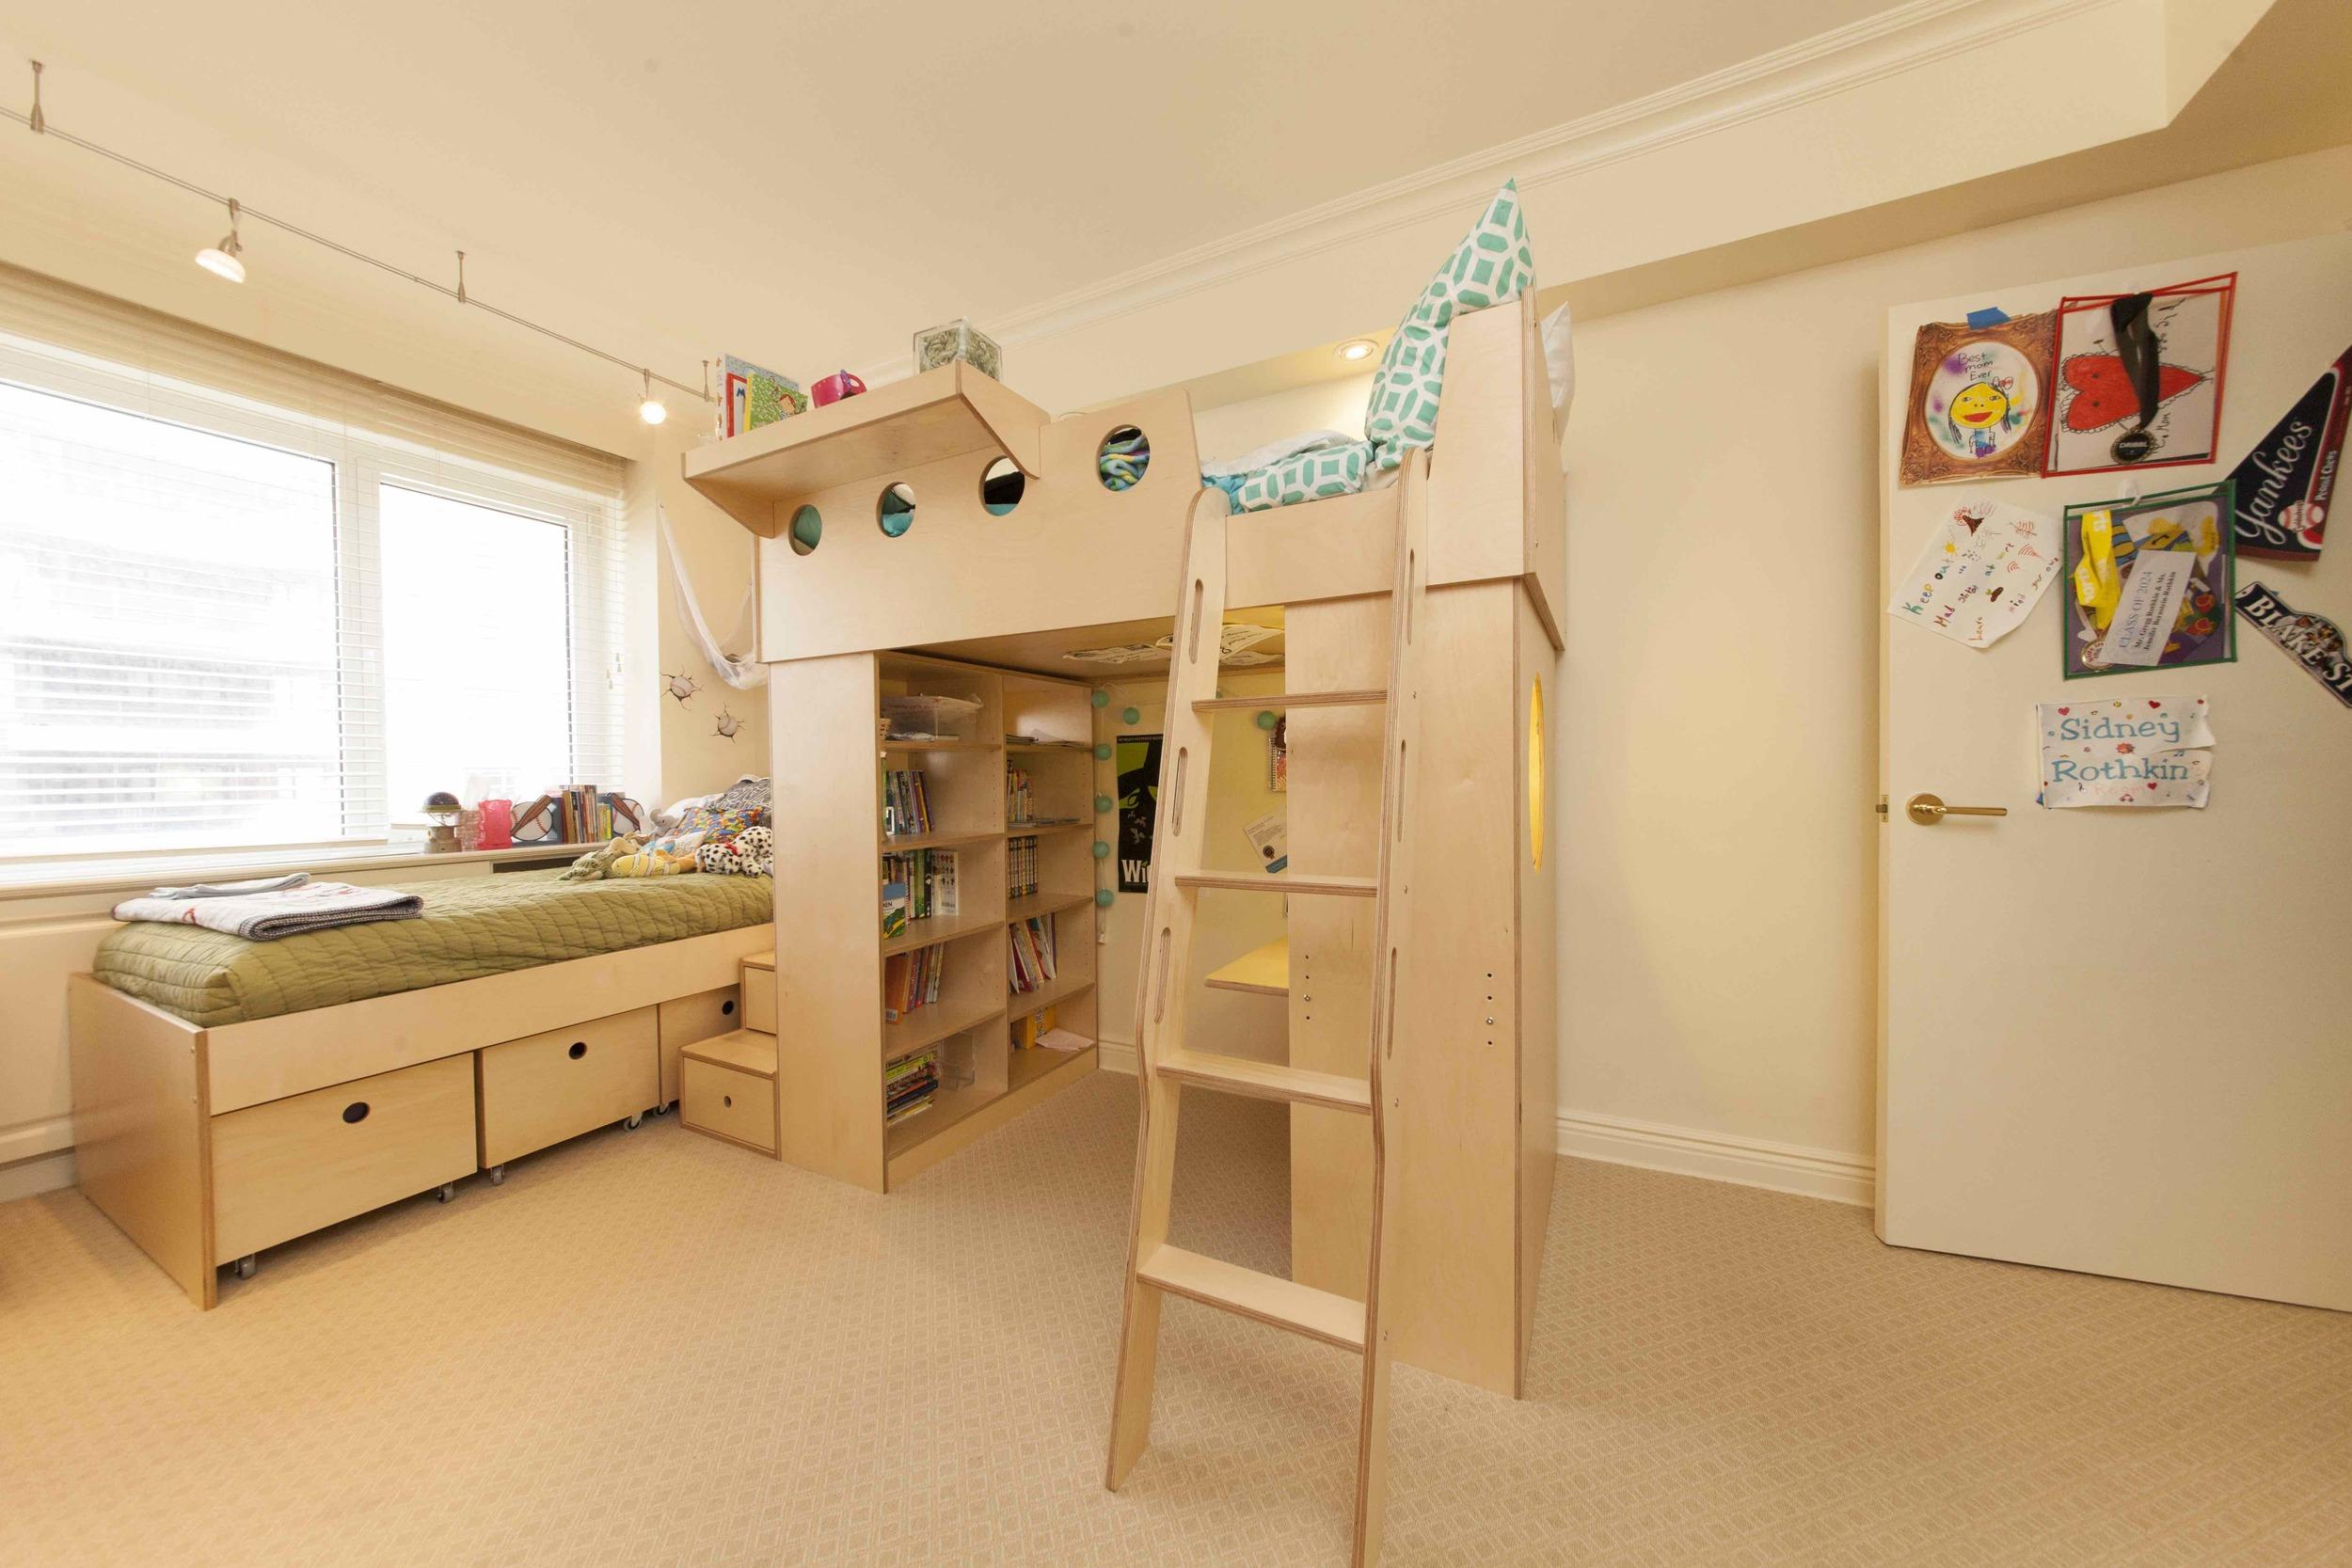 casa kids-loft bed-twin bed